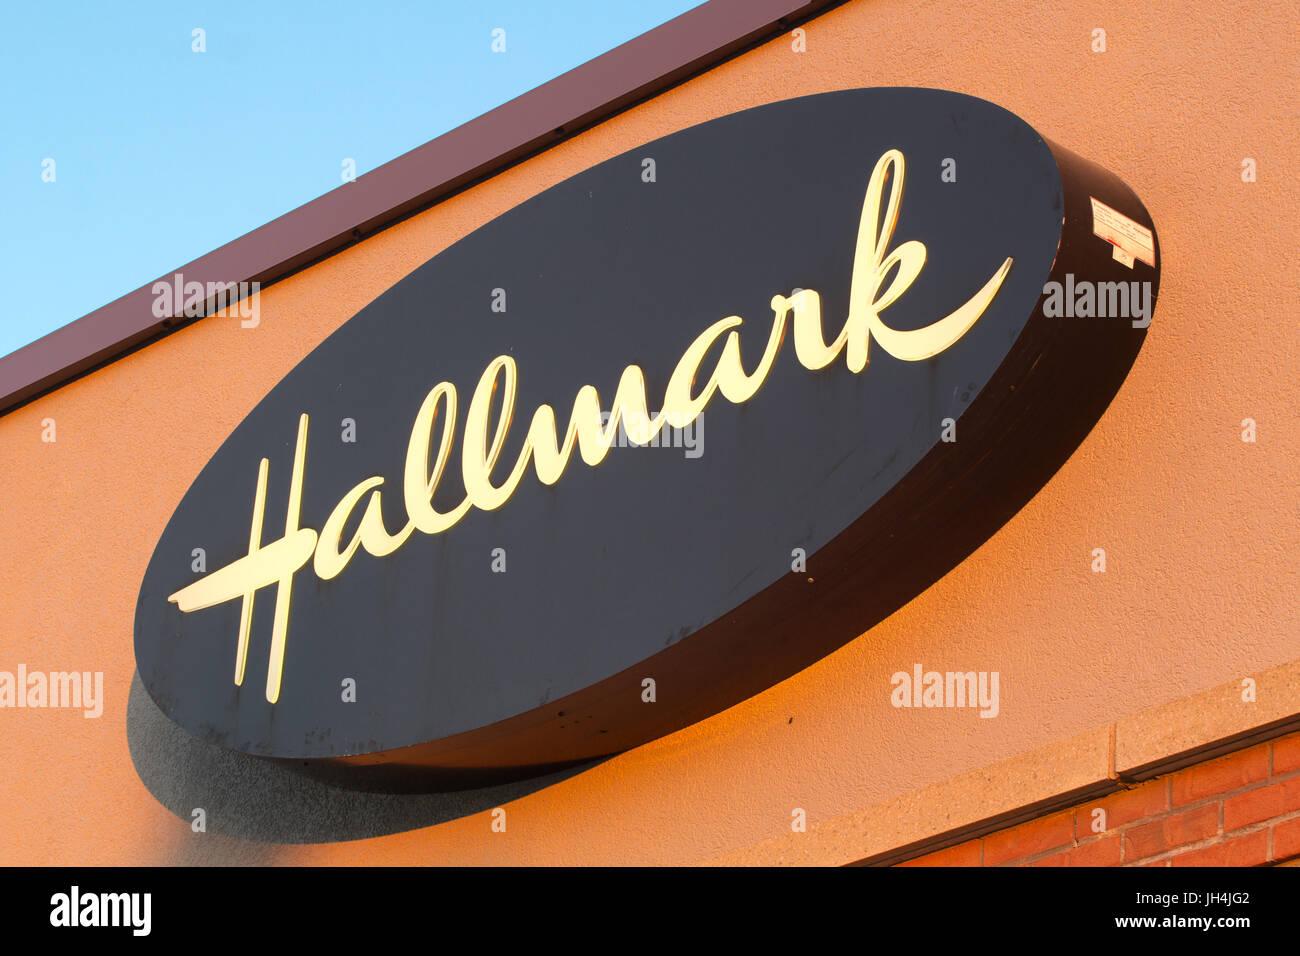 Hallmark cards stock photos hallmark cards stock images alamy dartmouth canada july 10 2017 hallmark cards inc is a m4hsunfo